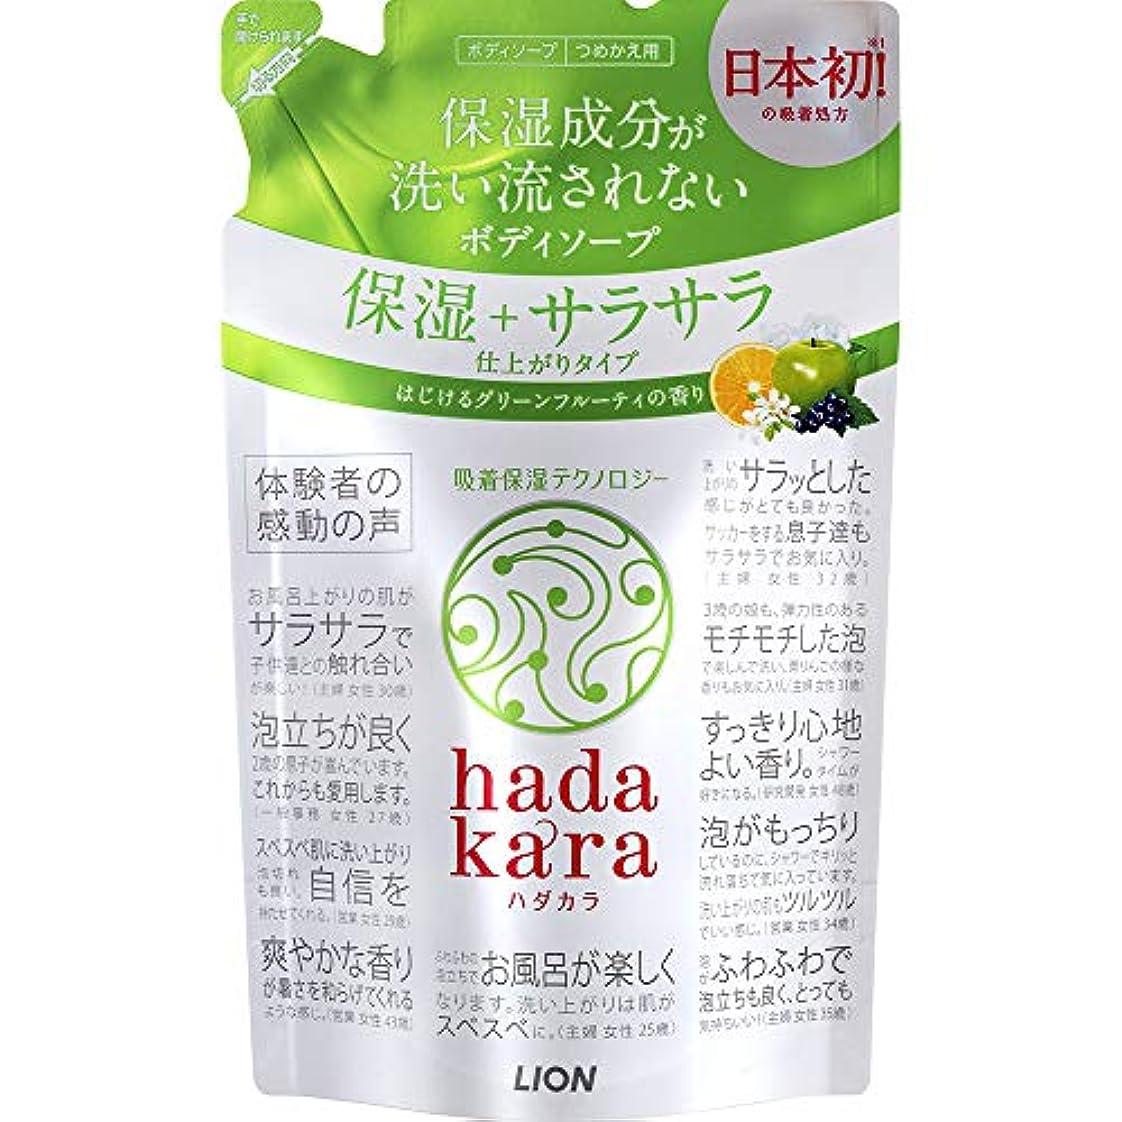 管理します無効にするパステルhadakara(ハダカラ) ボディソープ 保湿+サラサラ仕上がりタイプ グリーンフルーティの香り 詰め替え 340ml